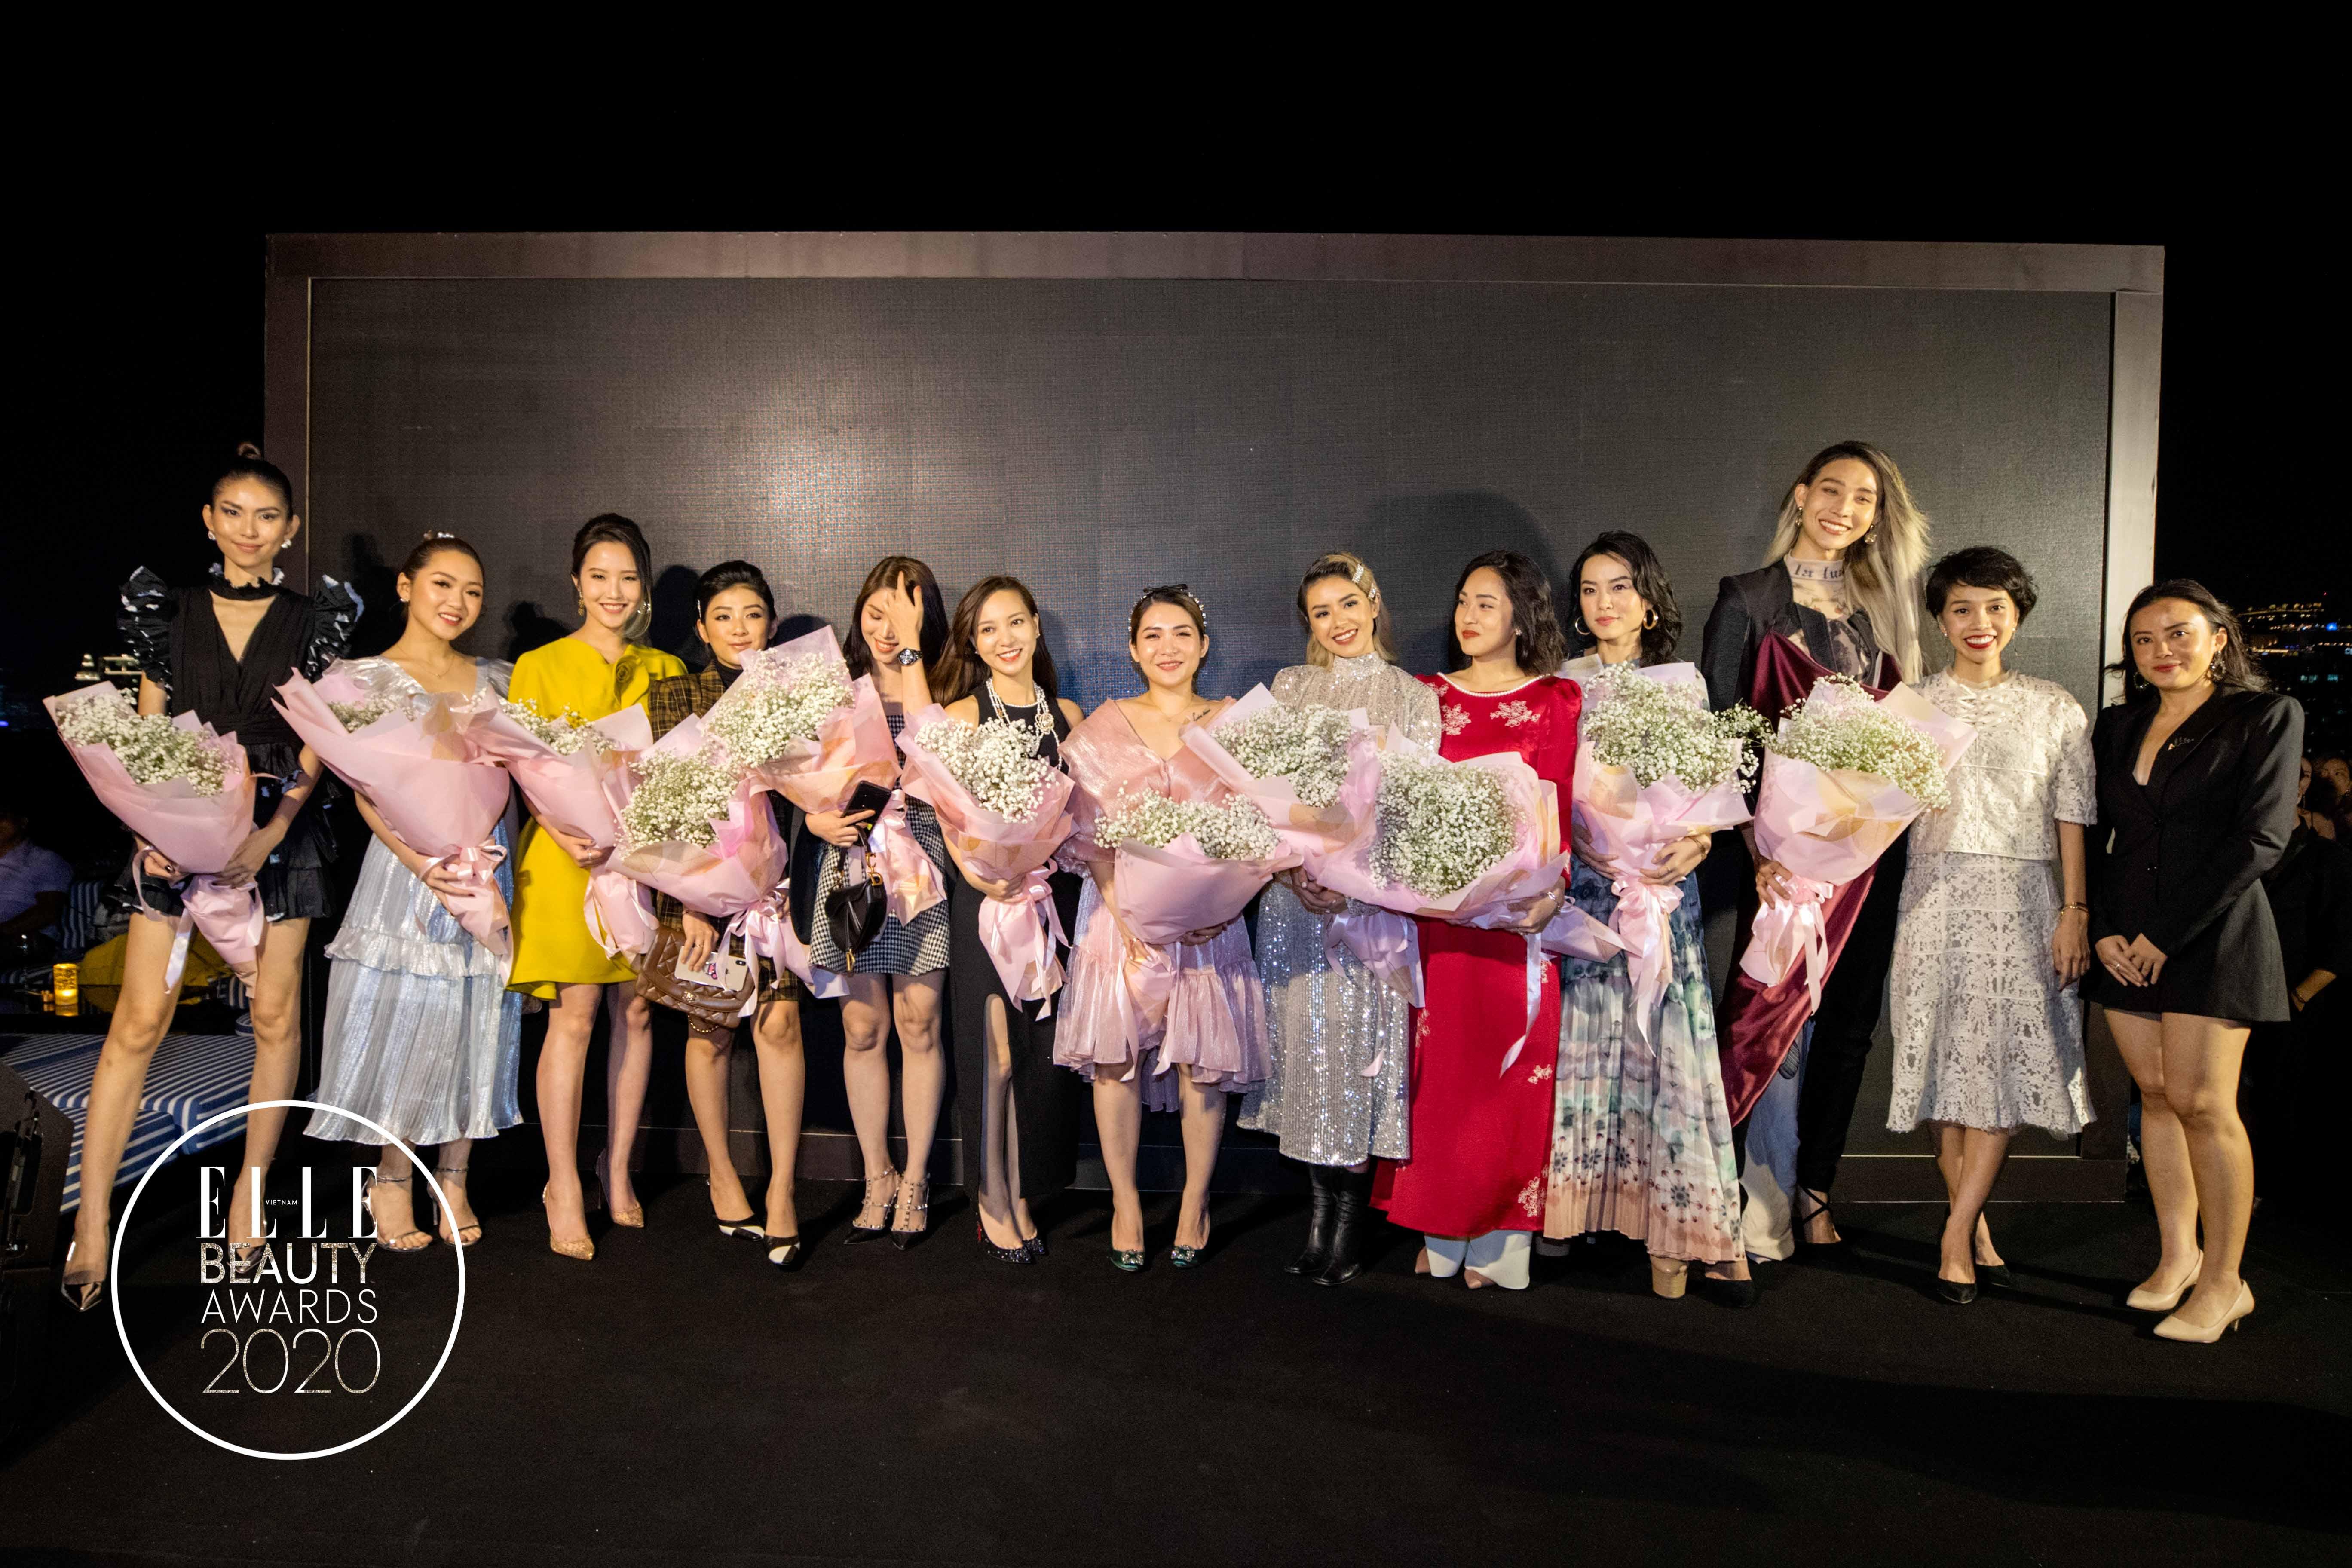 các beauty bloggers nhận hoa tại sự kiện elle beauty awards 2020